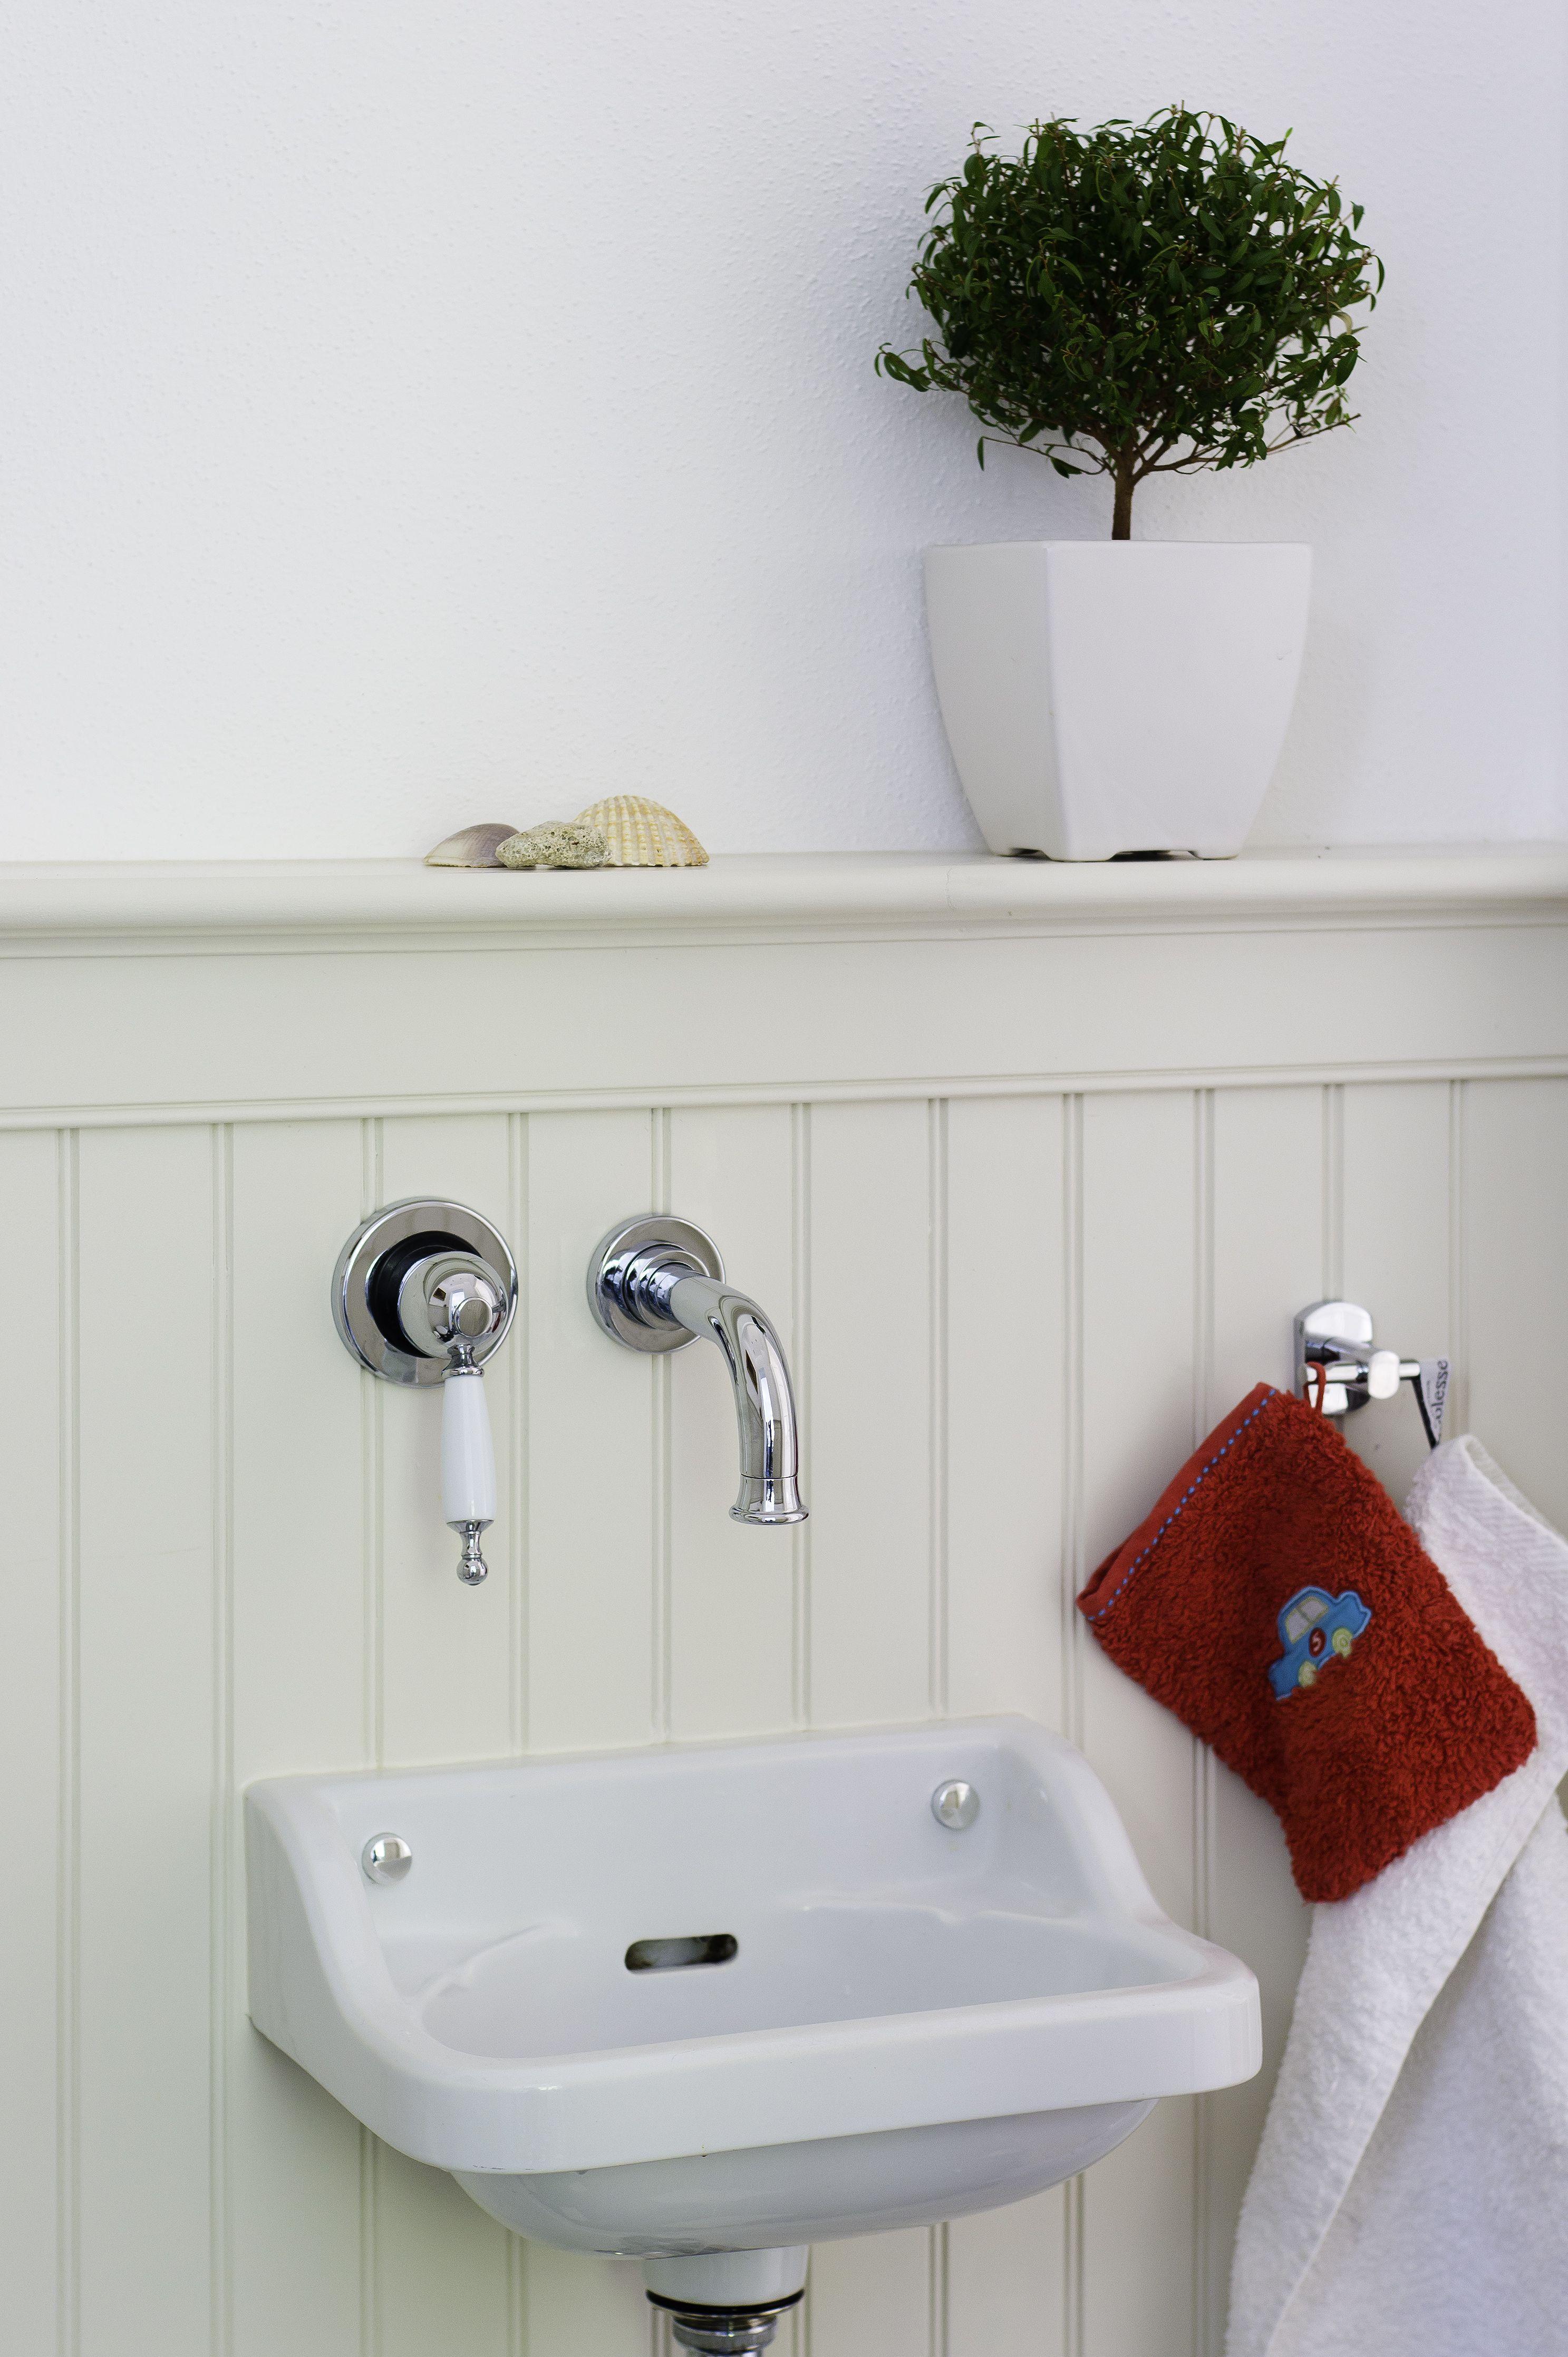 Holzpaneele im #Badezimmer #Wandgestaltung #statt Fliesen #USA ...